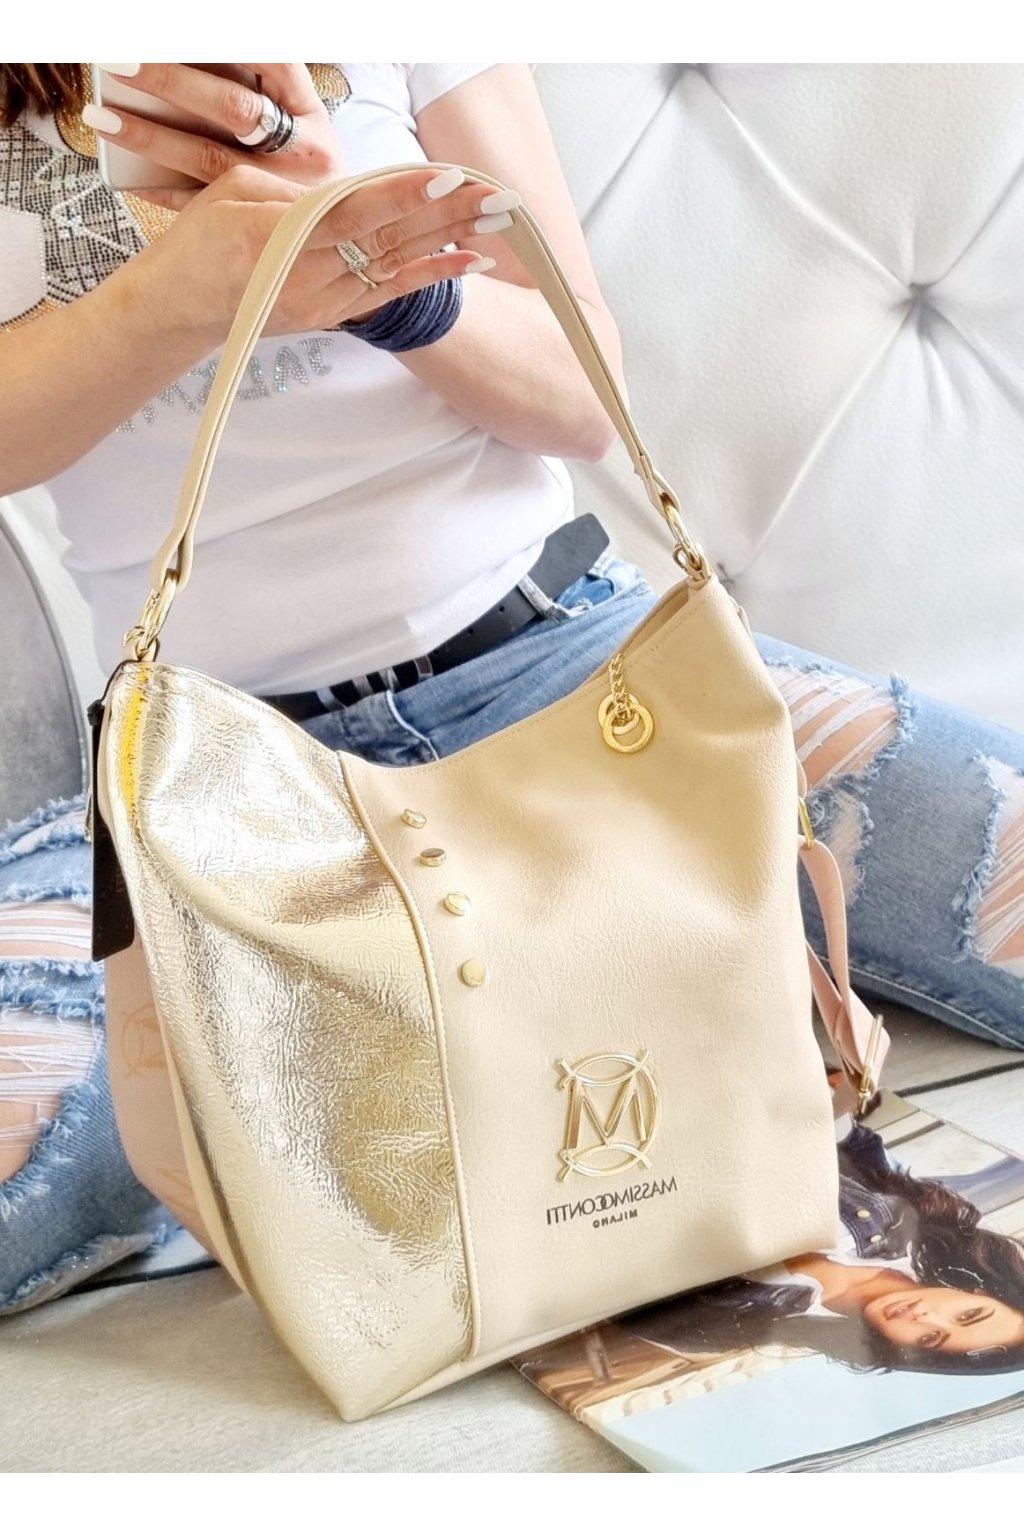 MASSIMO CONTTI kabelka italy fashion luxusní značková kabelka béžová zlatá